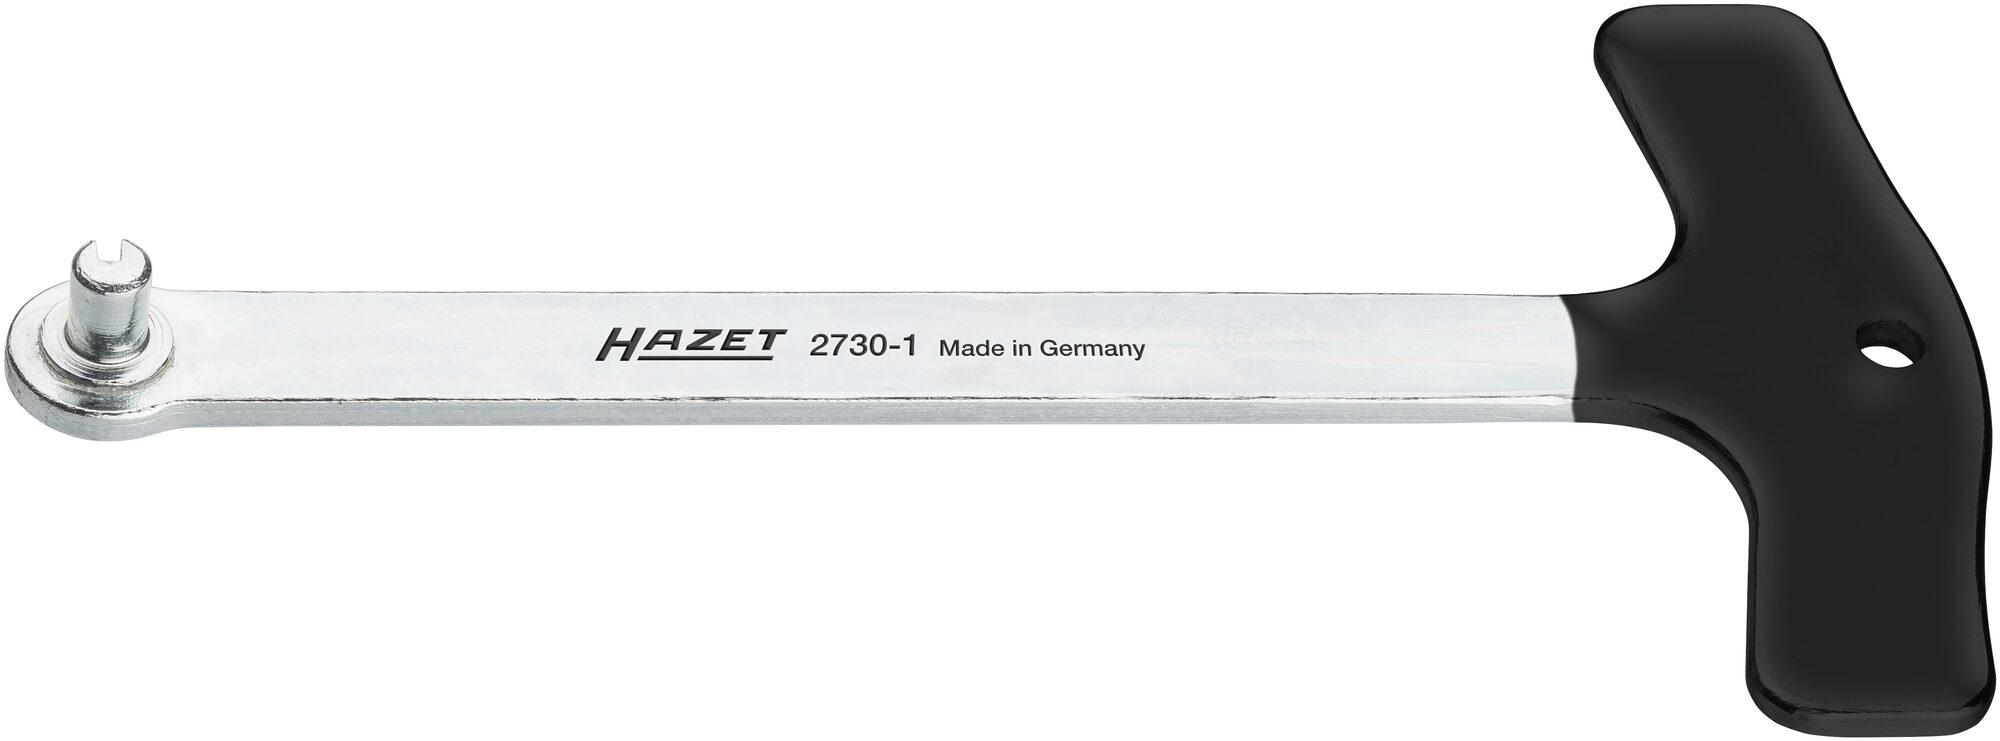 HAZET Handbremsbacken-Haltefeder Werkzeug 2730-1